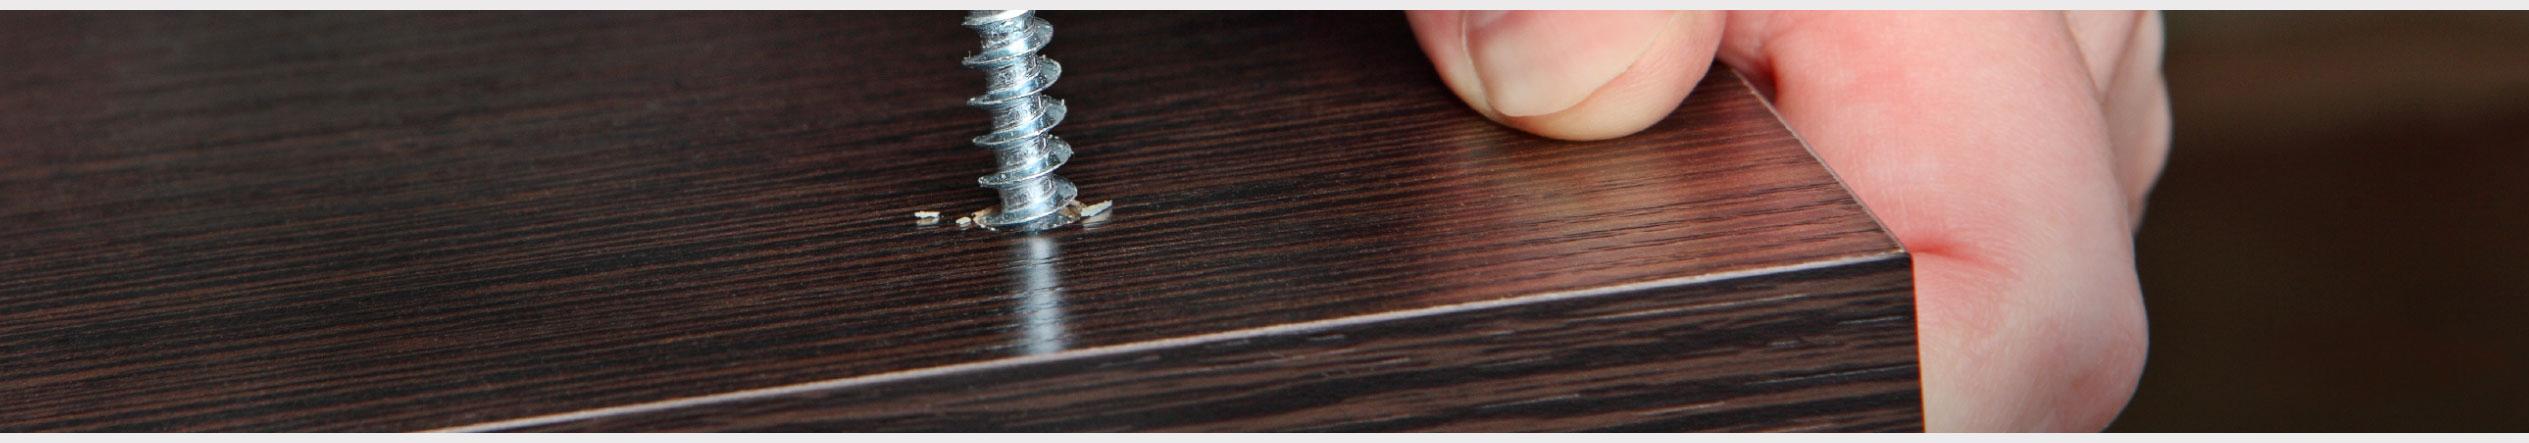 Service and Repair Policies at Jordan's Furniture